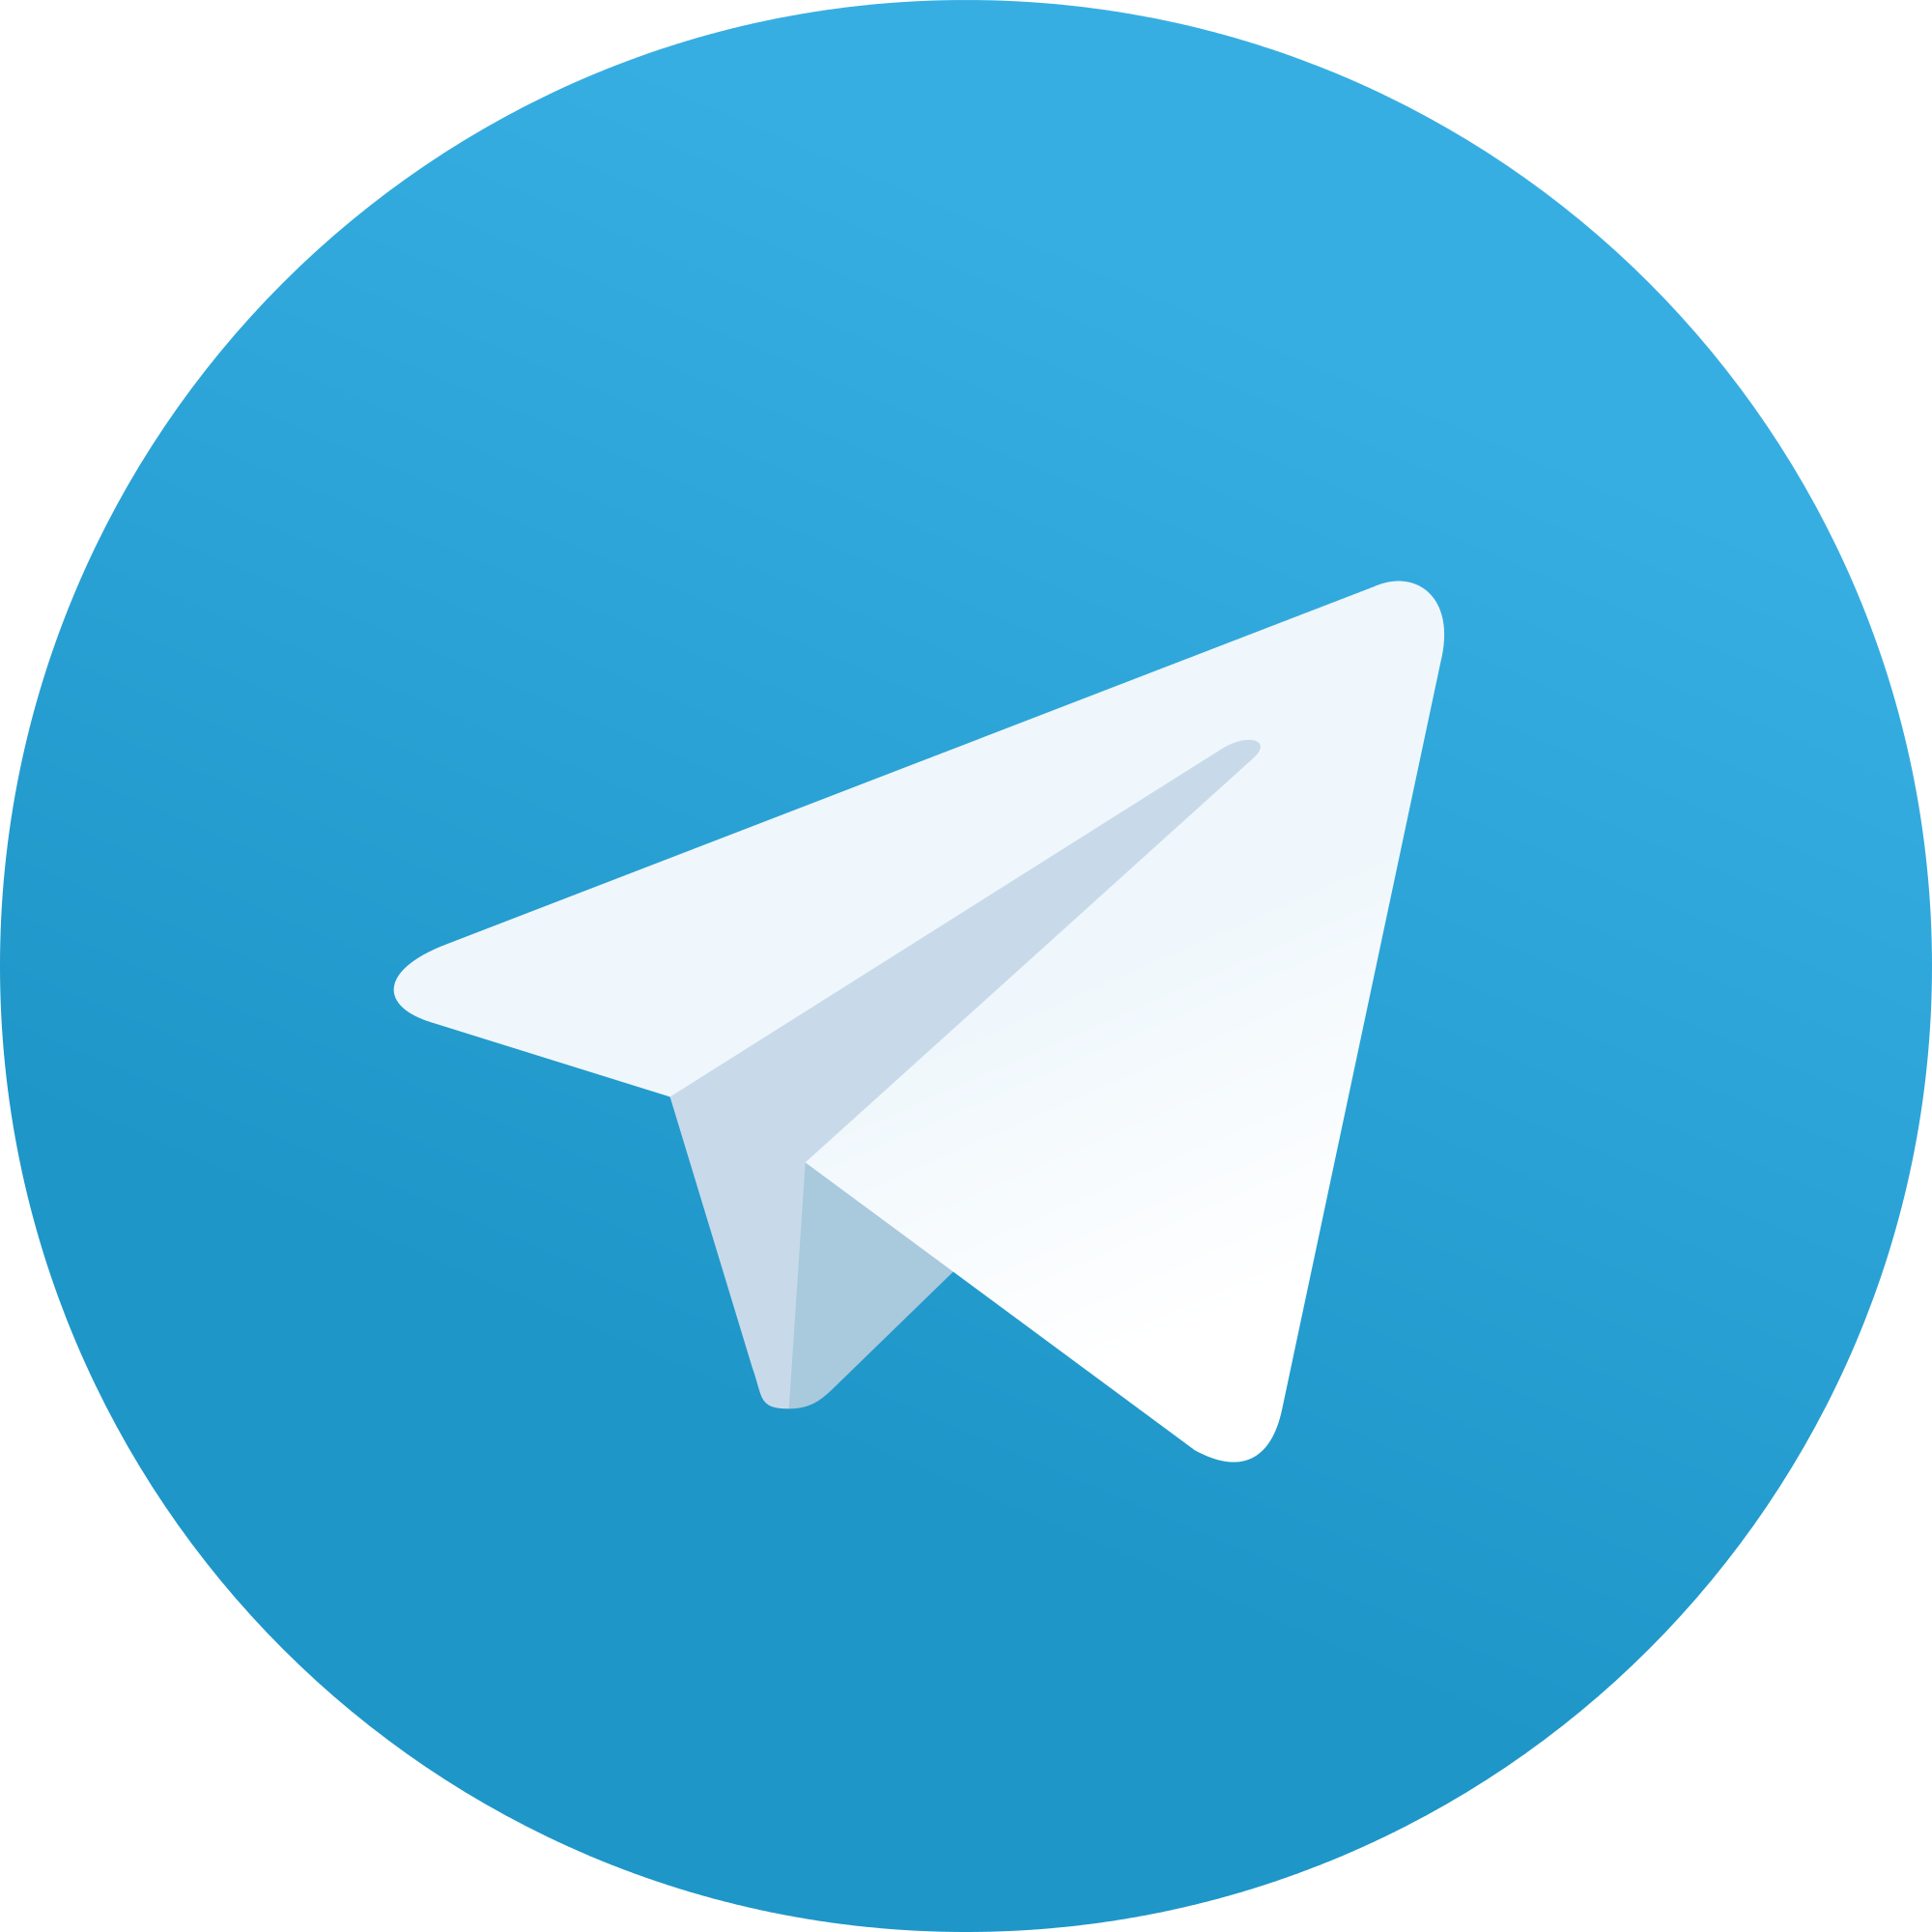 کانال تلگرام آموزش زبان انگلیسی رایگان